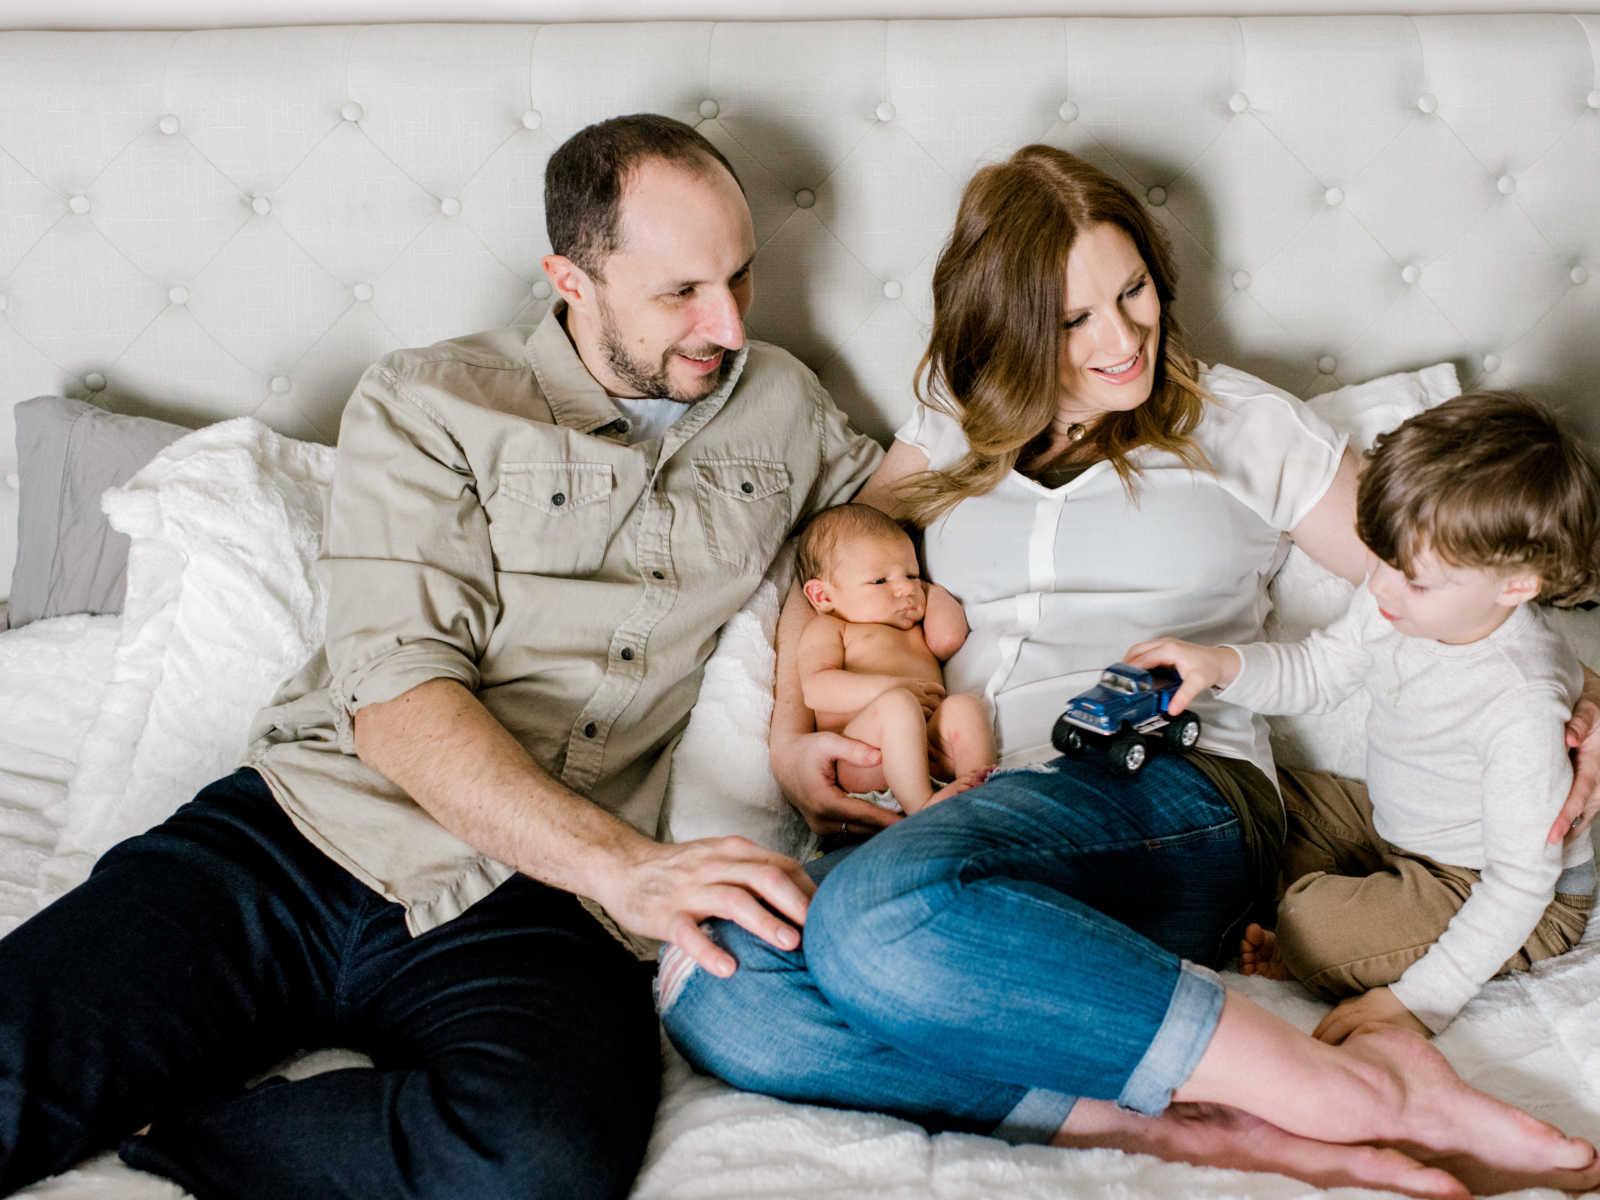 Depois de dolorosa fertilização in vitro, mãe faz linda homenagem ao filho que nasceu 7